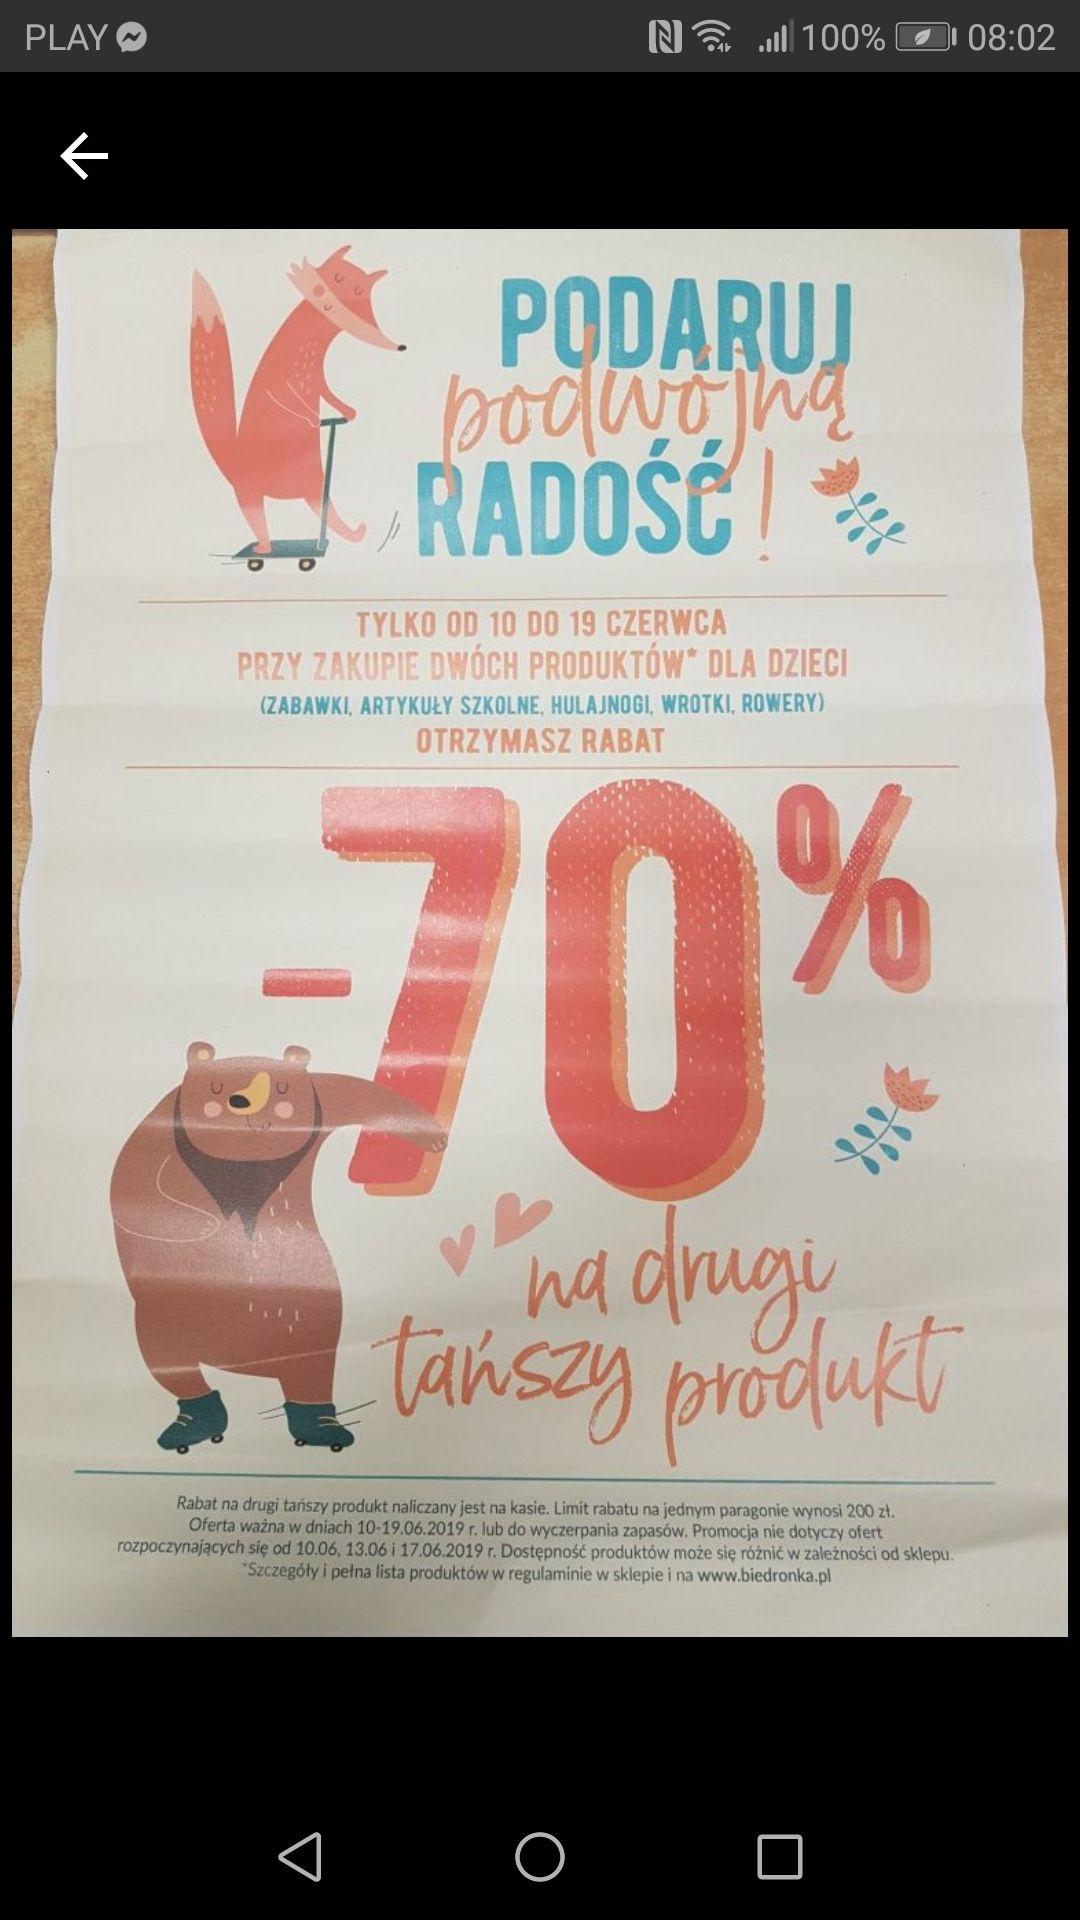 Biedronka rabat - 70% na drugi tańszy produkt dla dzieci (zabawki, art. szkolne, hulajnogi wrotki, rowery)